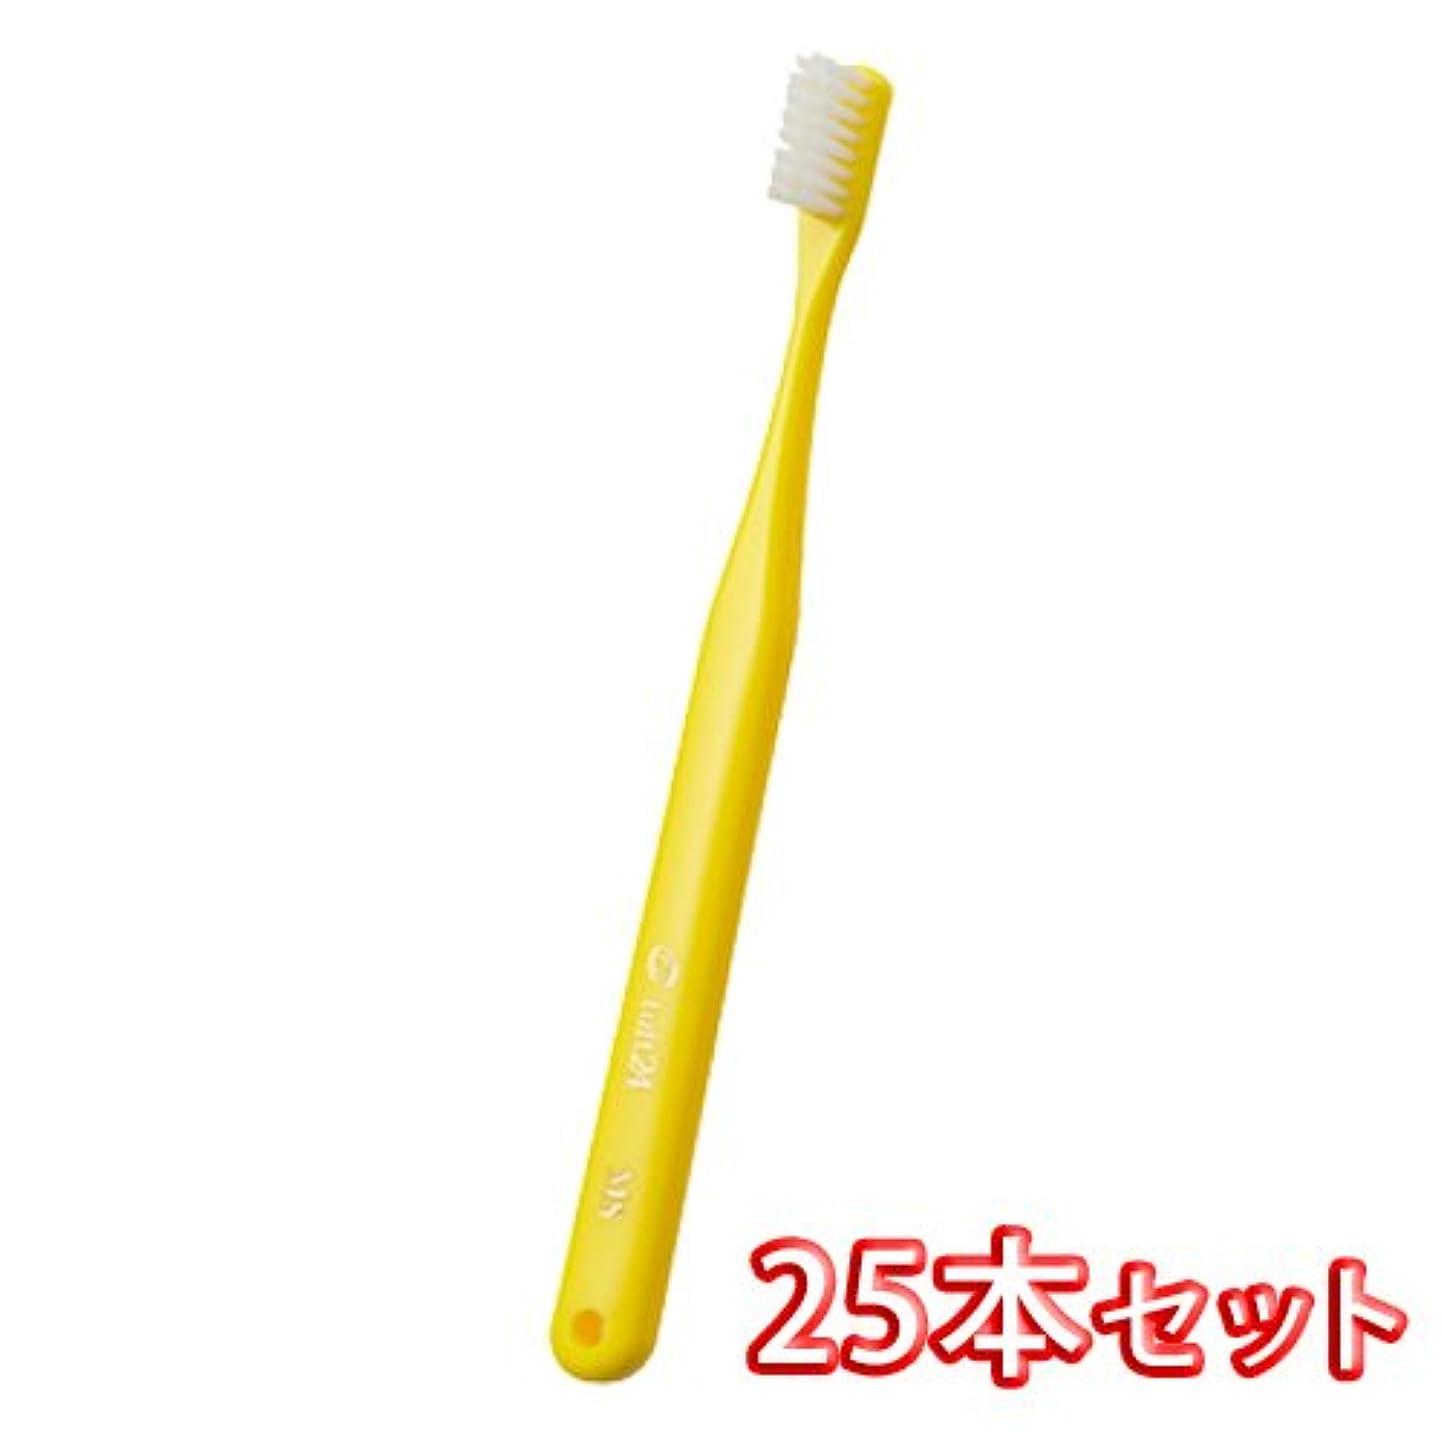 オーラルケア キャップ付き タフト 24歯ブラシ 25本入 ミディアム M (イエロー)